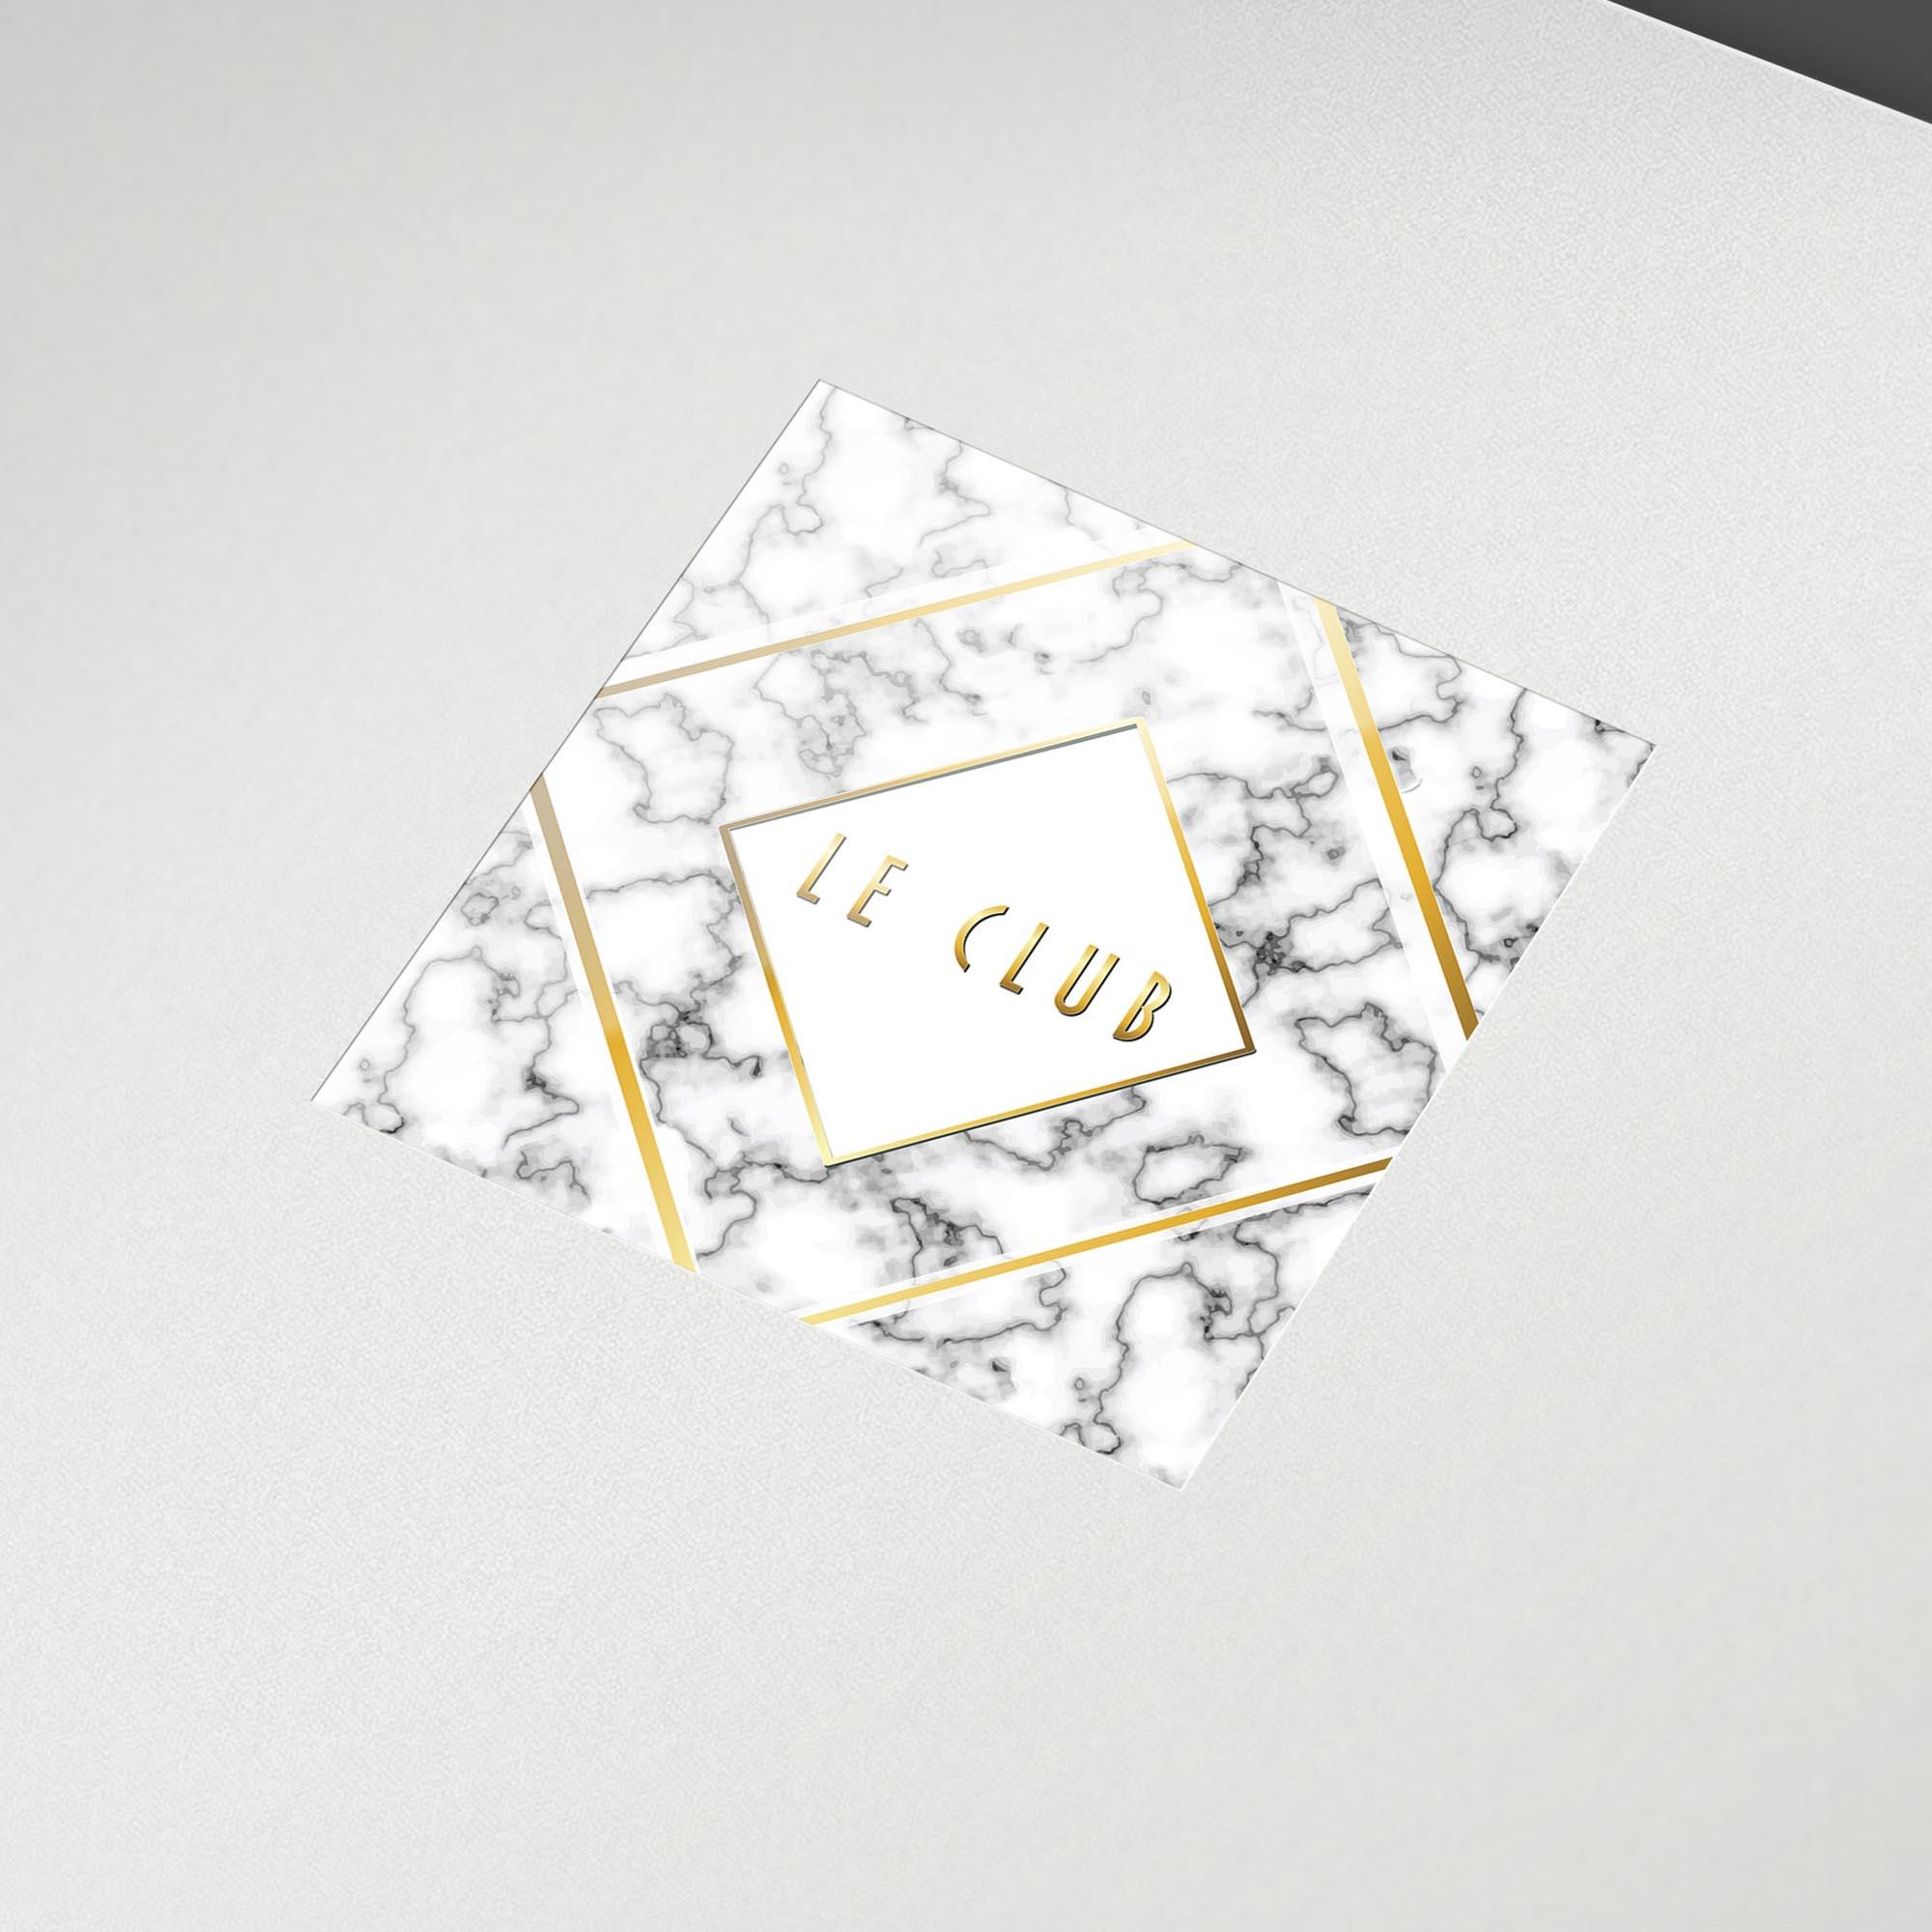 Разработка логотипа фото f_1705b3e0dc17714e.jpg